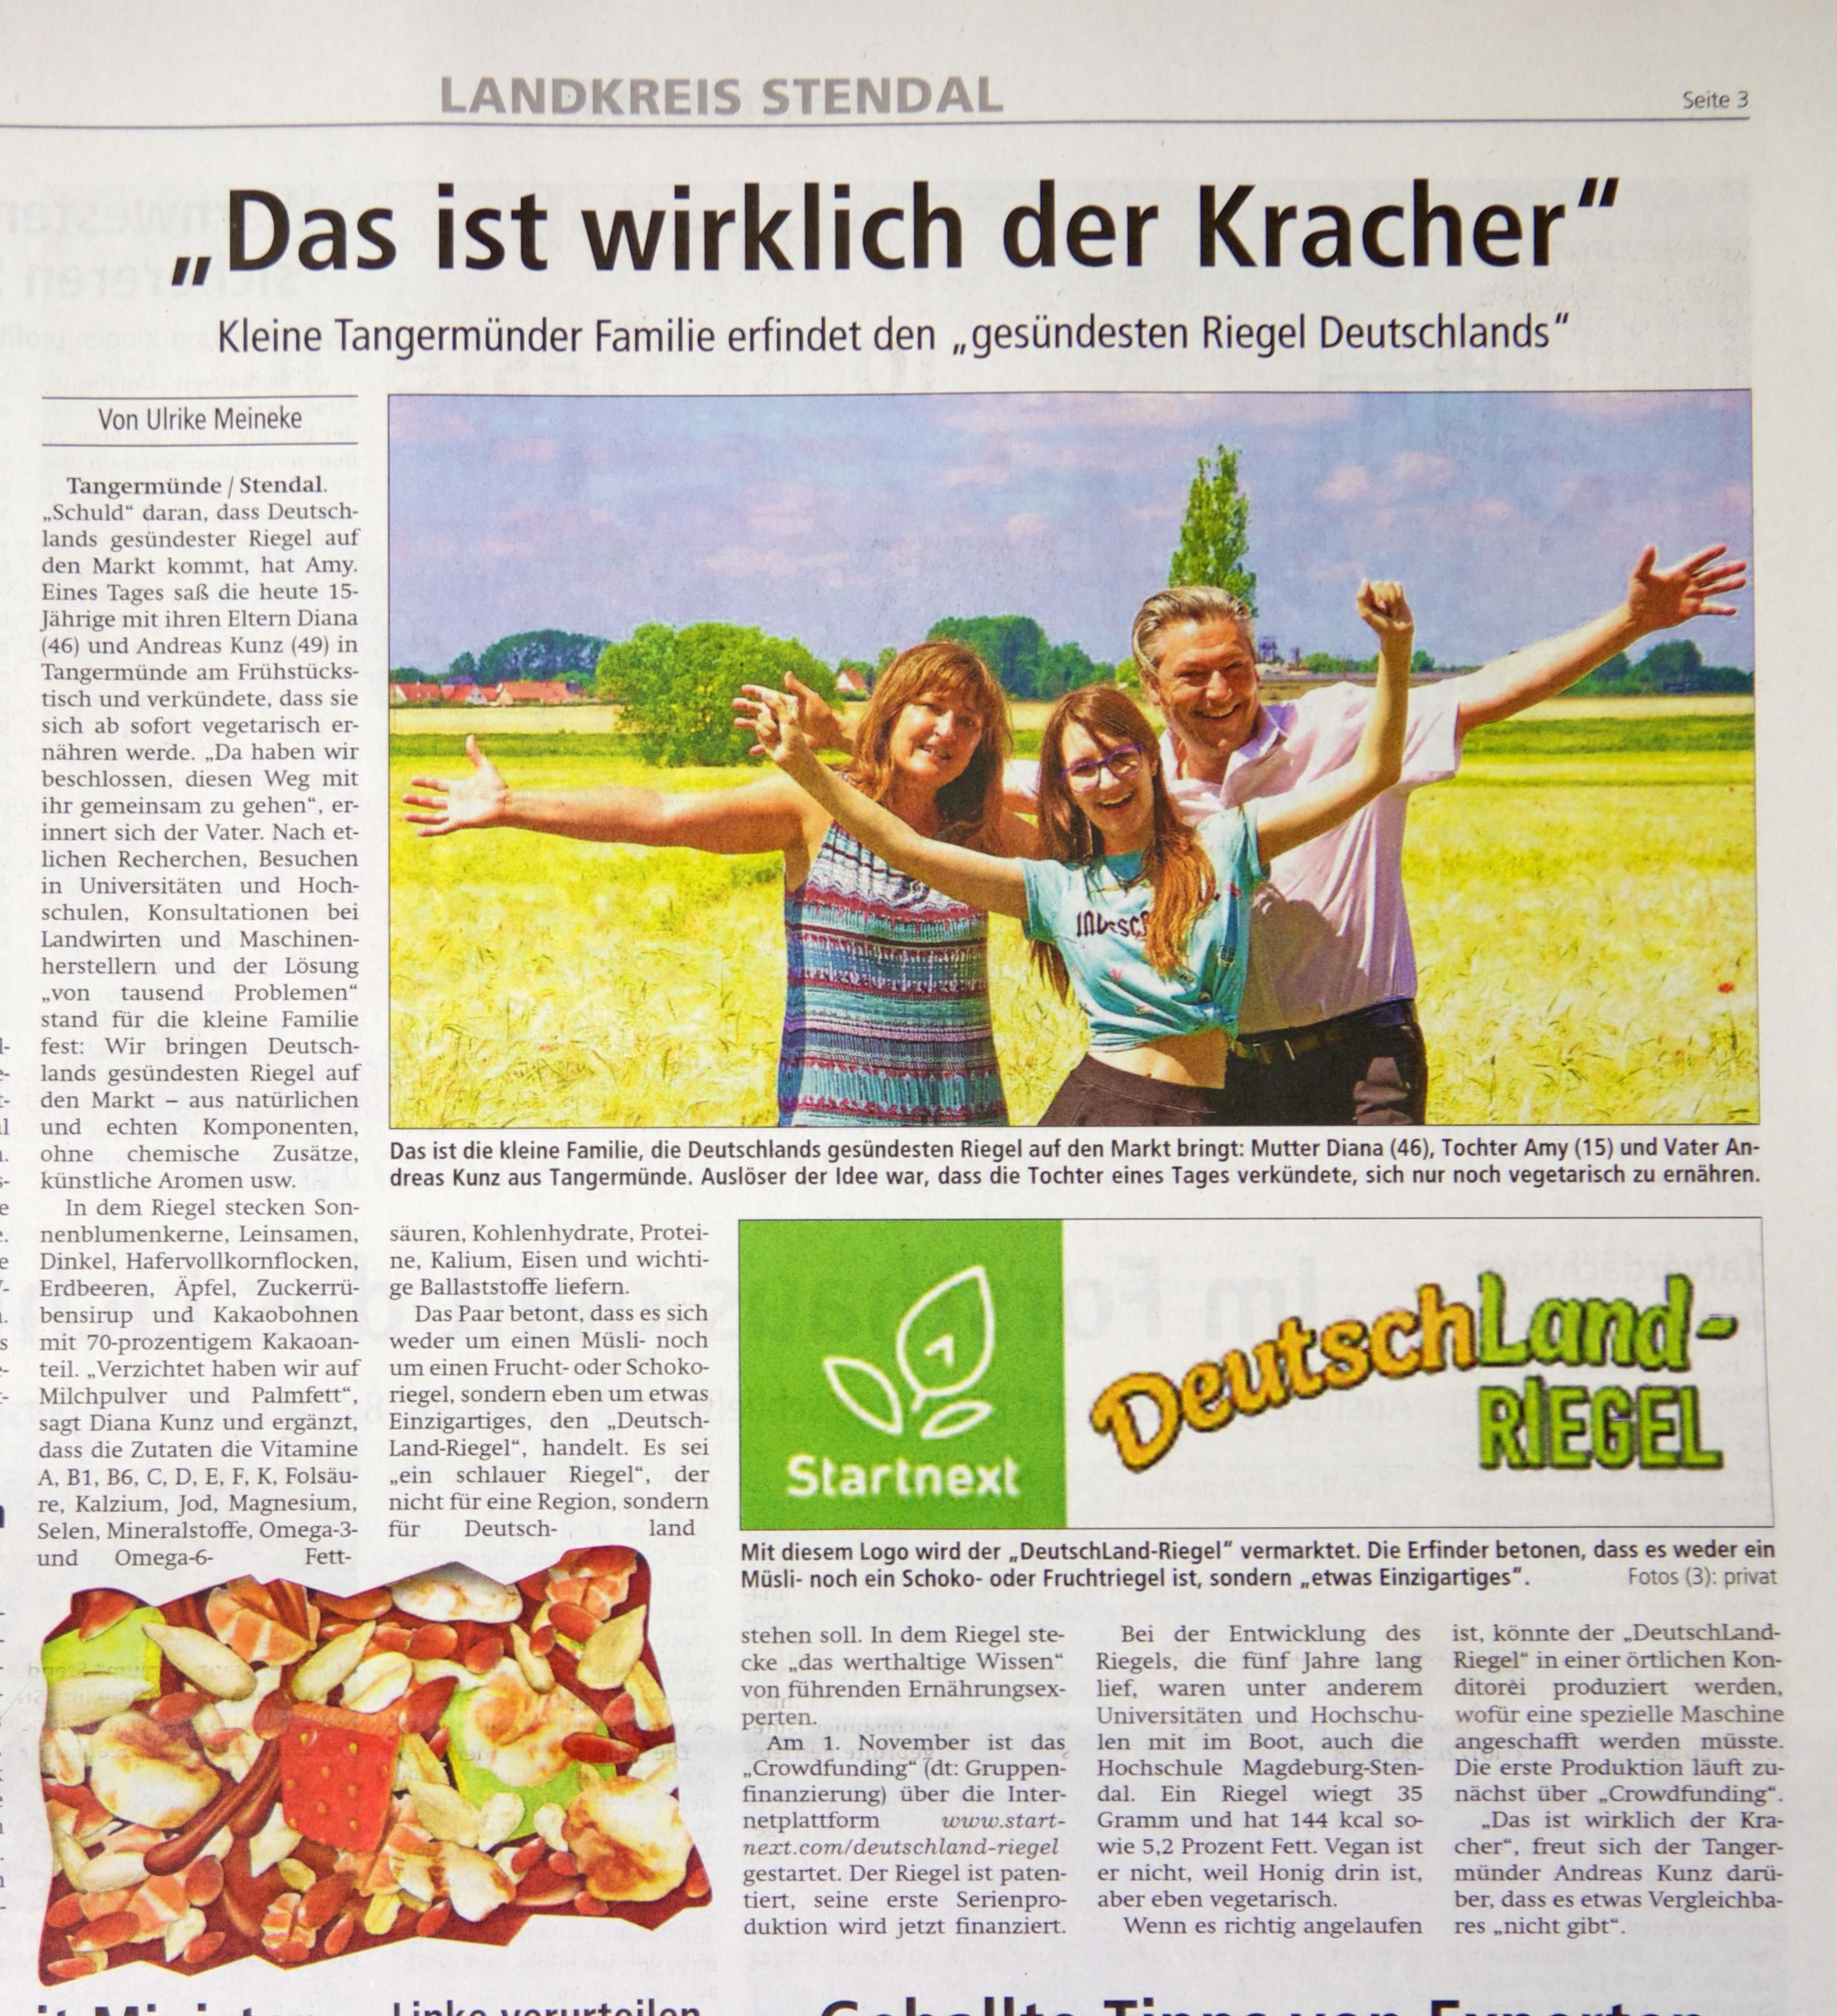 Altmark-Zeitung, Zeitungsartikel, Zeitungsbeitrag, vom 4.11.2017, DeutschLand-Riegel, Crowdfunding